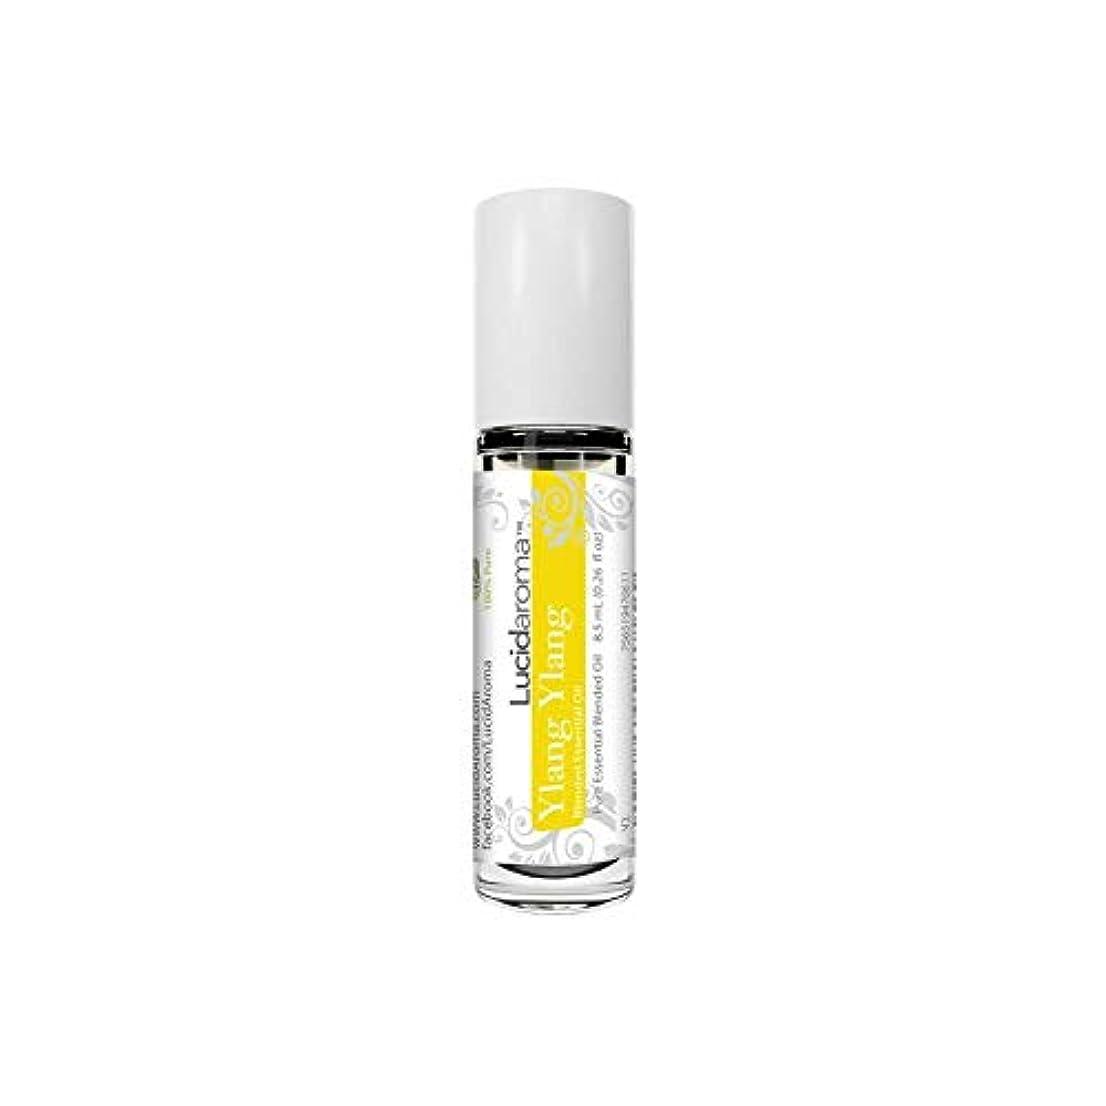 ハブクルーズアパルLucid Aroma Ylang Ylang イランイラン ロールオン アロマオイル 8.5mL (塗るアロマ) 100%天然 携帯便利 ラックス アメリカ製